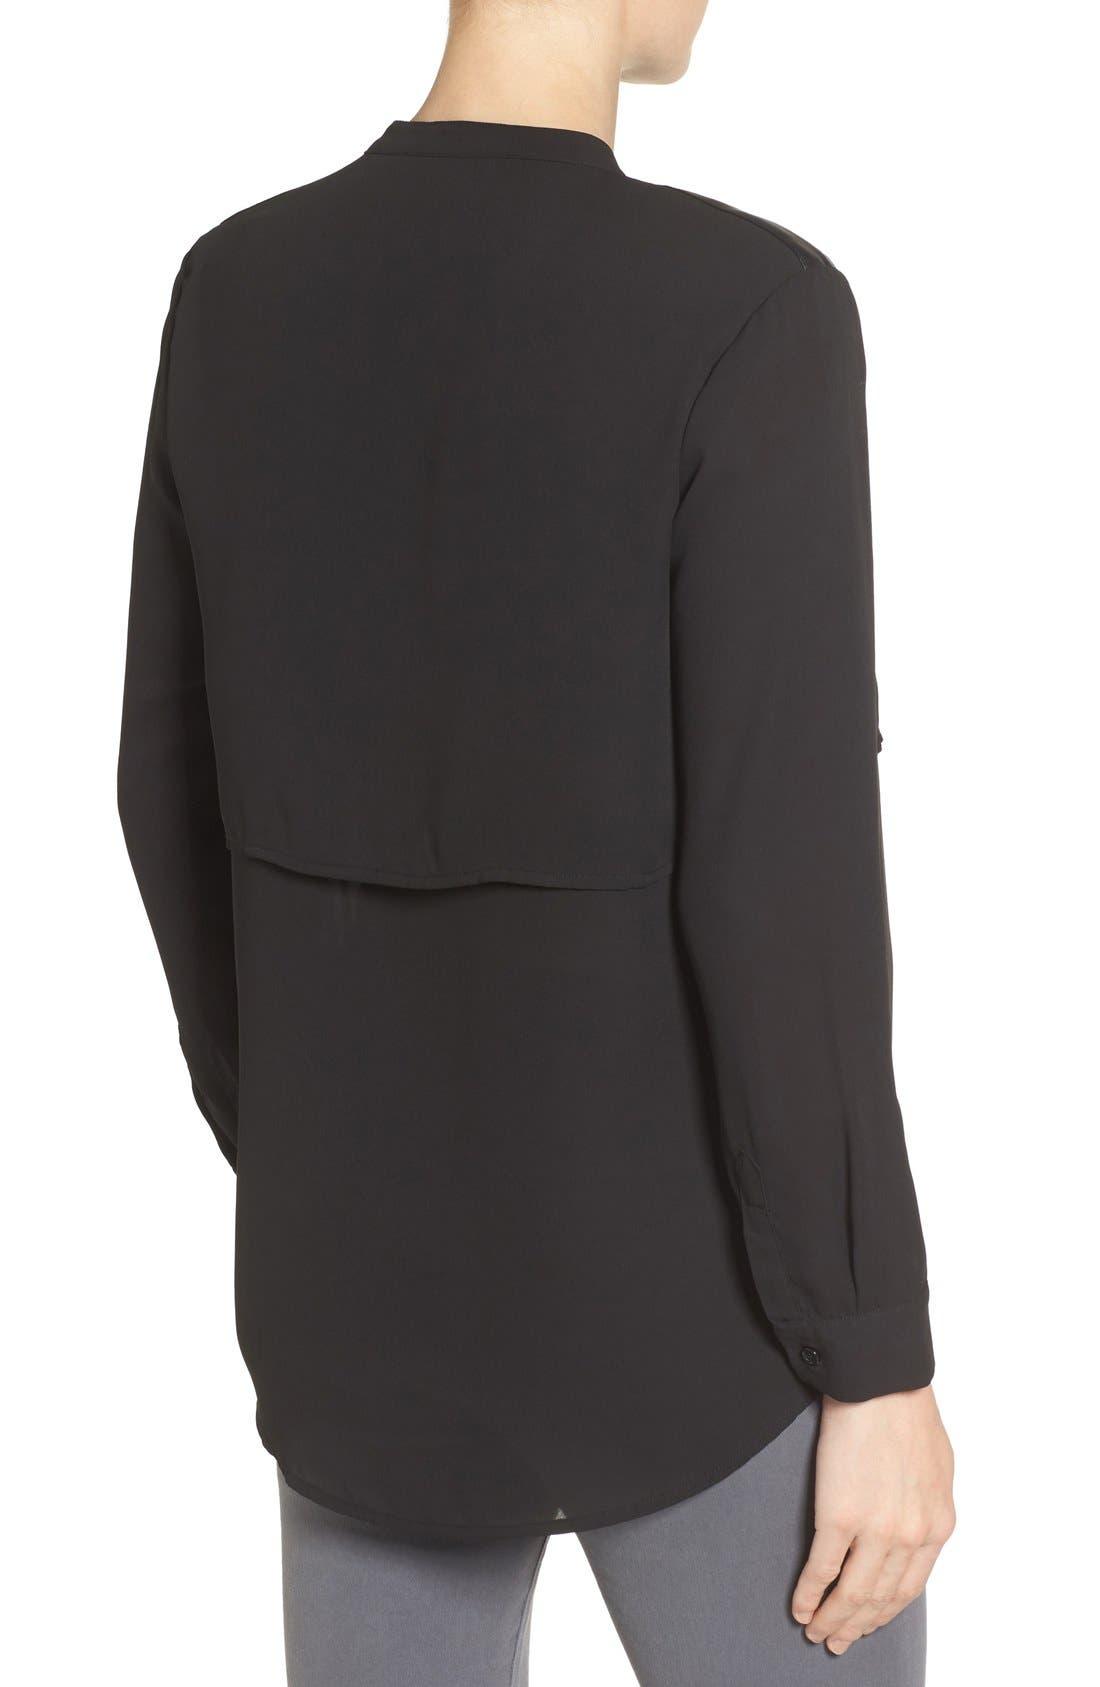 Jenni Maternity/Nursing Shirt,                             Alternate thumbnail 8, color,                             BLACK